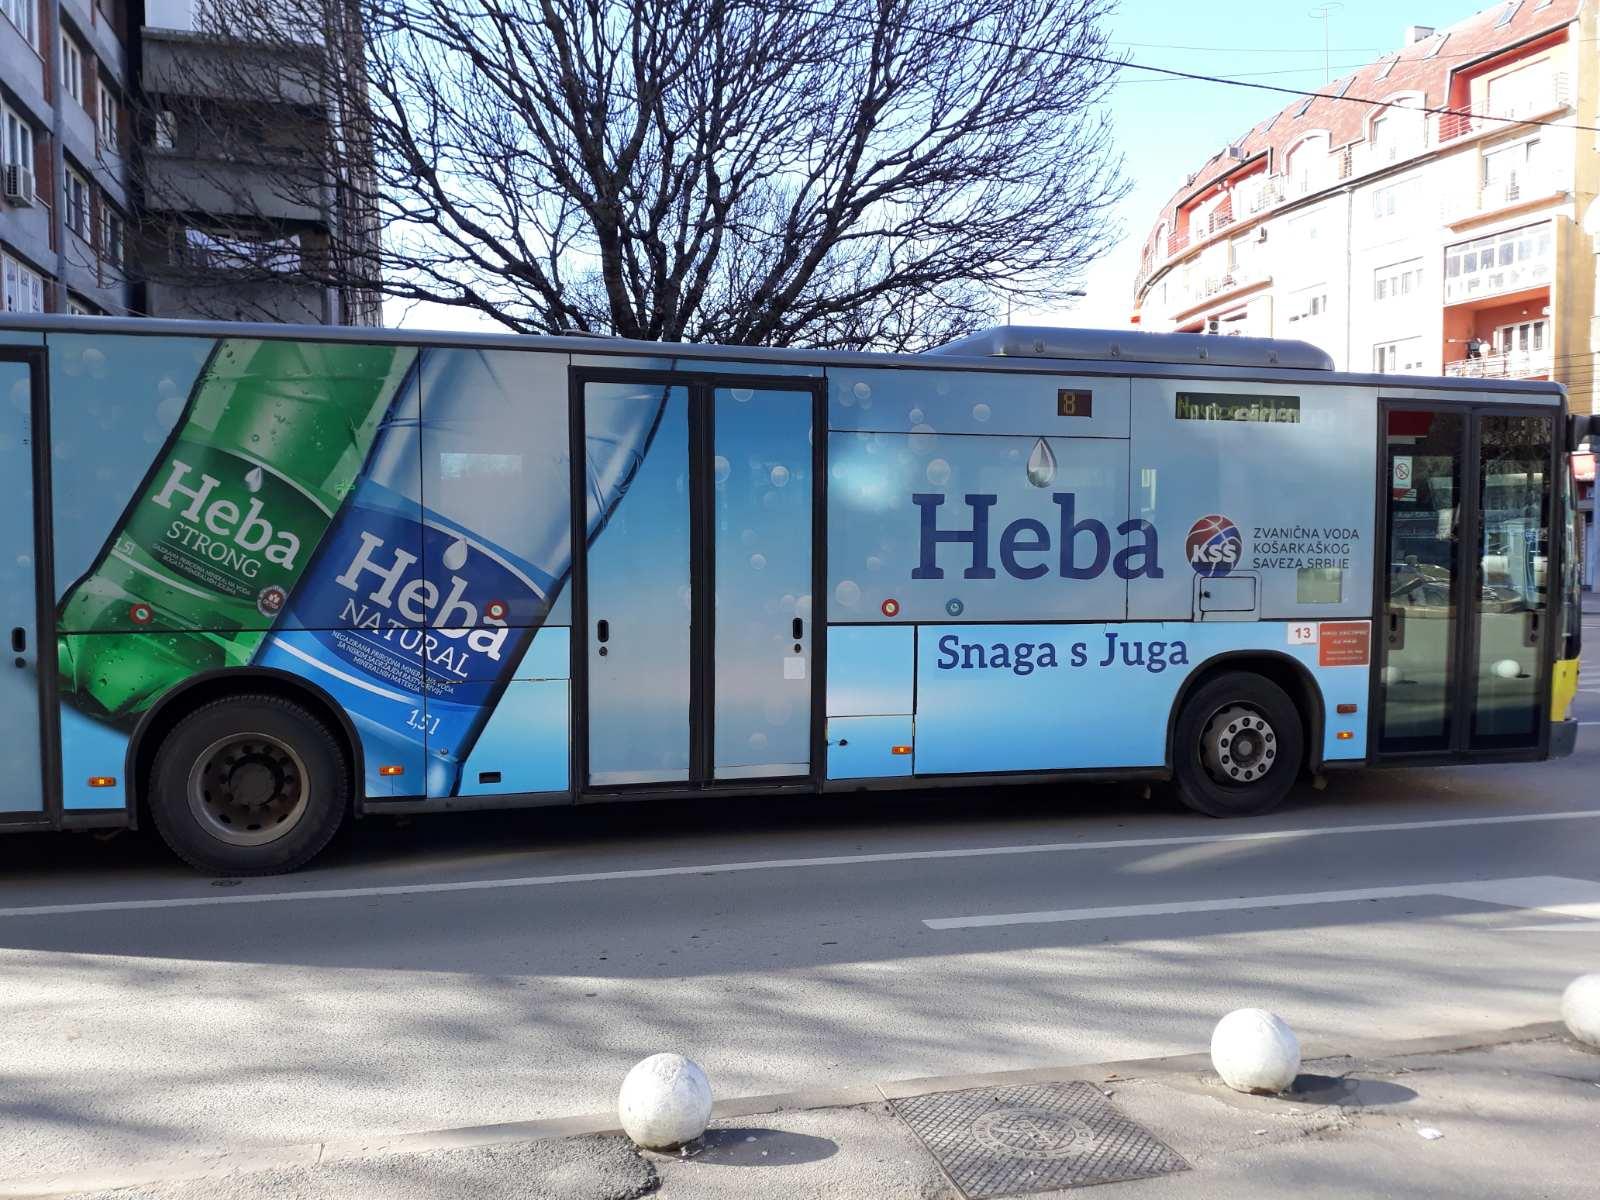 Архивска, аутобус, фото: Нишке новине, аутор: М.К.